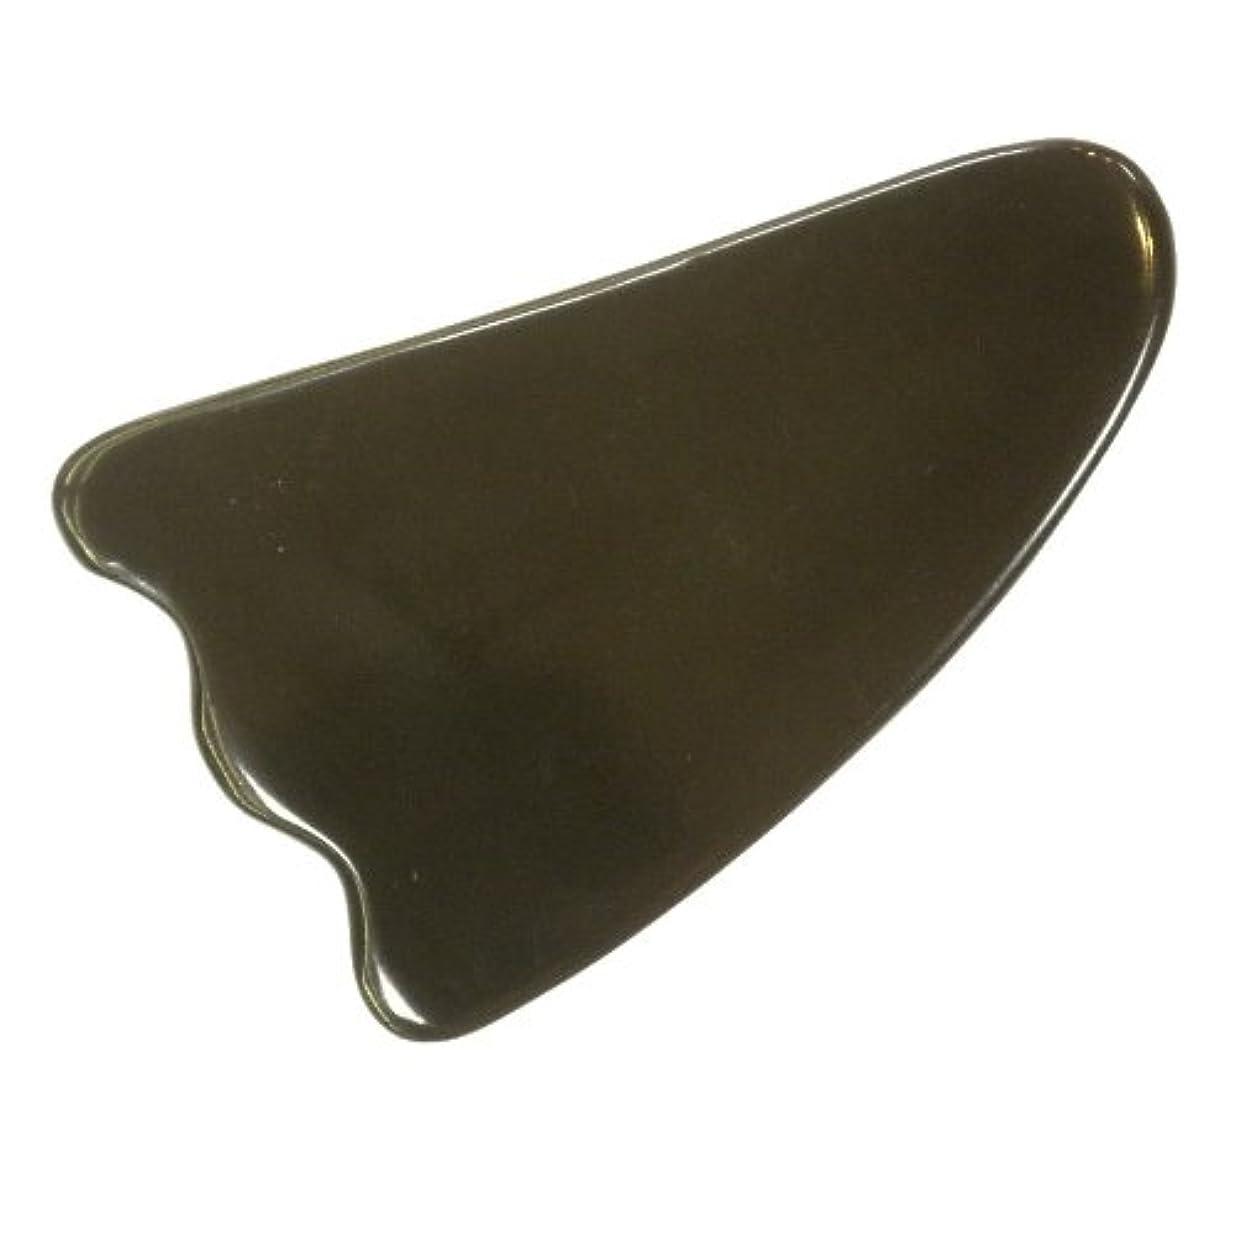 満足できる上げる声を出してかっさ プレート 厚さが選べる 水牛の角(黒水牛角) EHE213SP 羽根型 特級品 厚め(7ミリ程度)